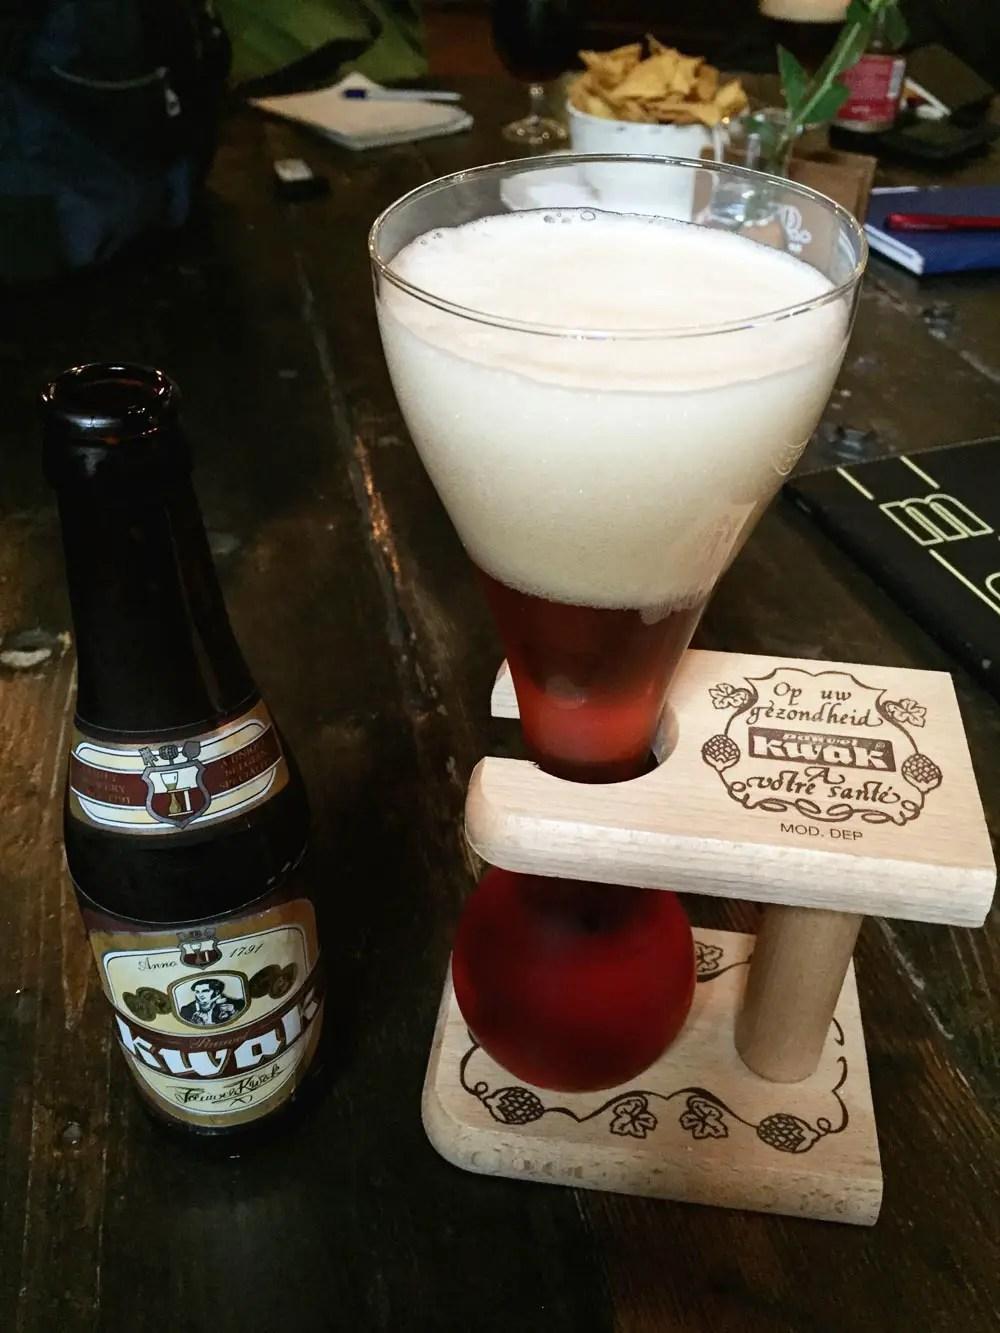 belgisches bier kwak